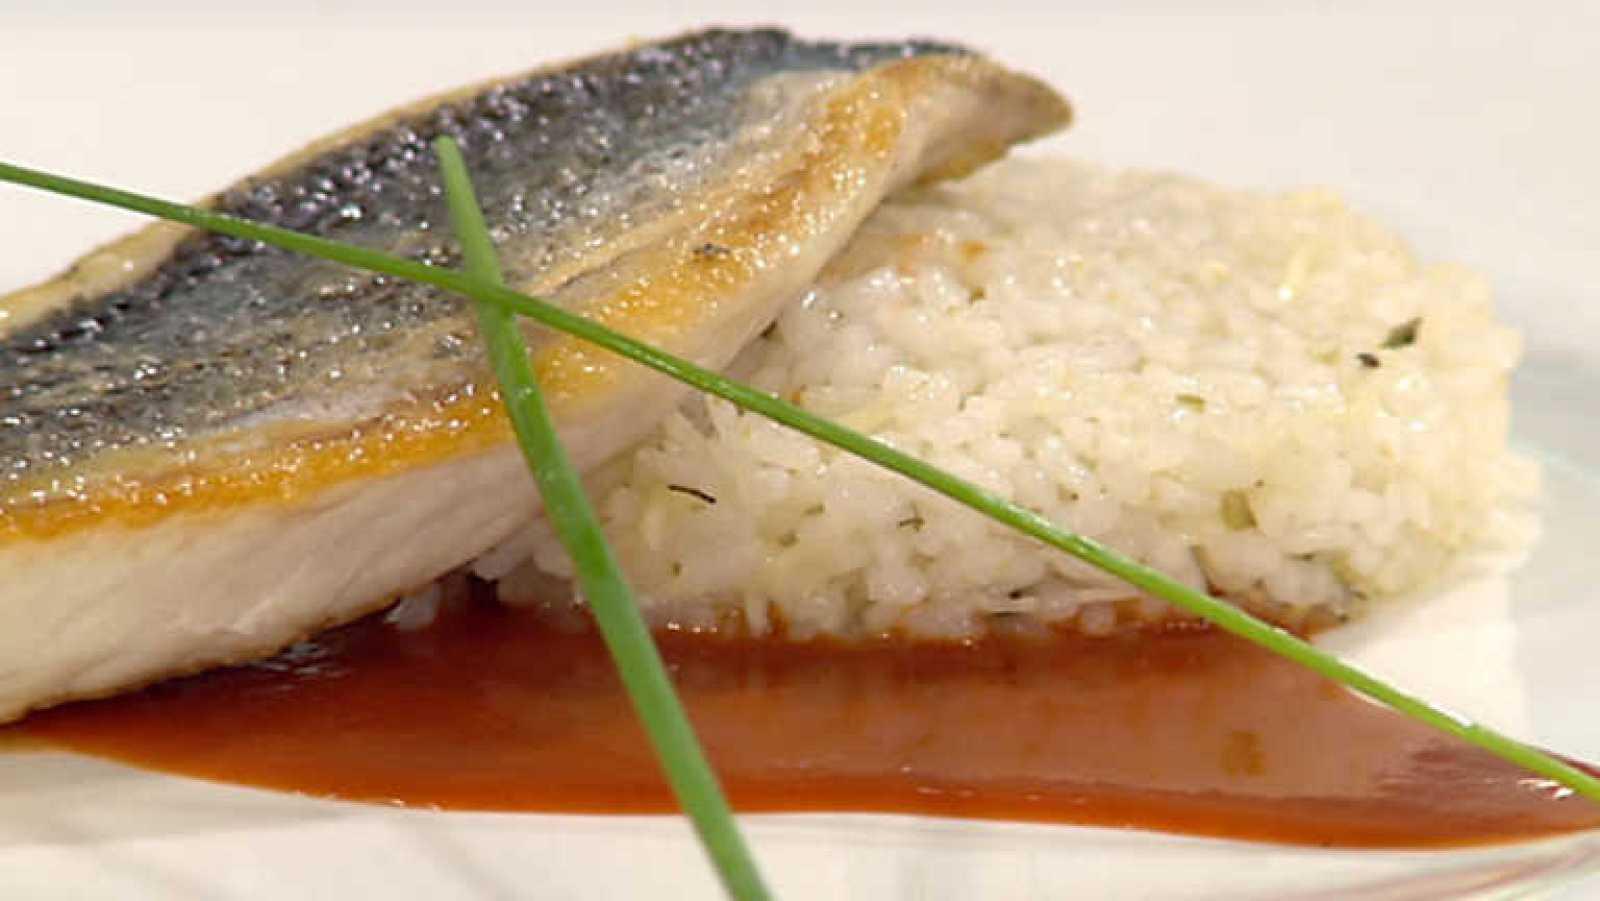 Cocina Con Sergio Dorada A La Plancha Con Salsa De ñoras